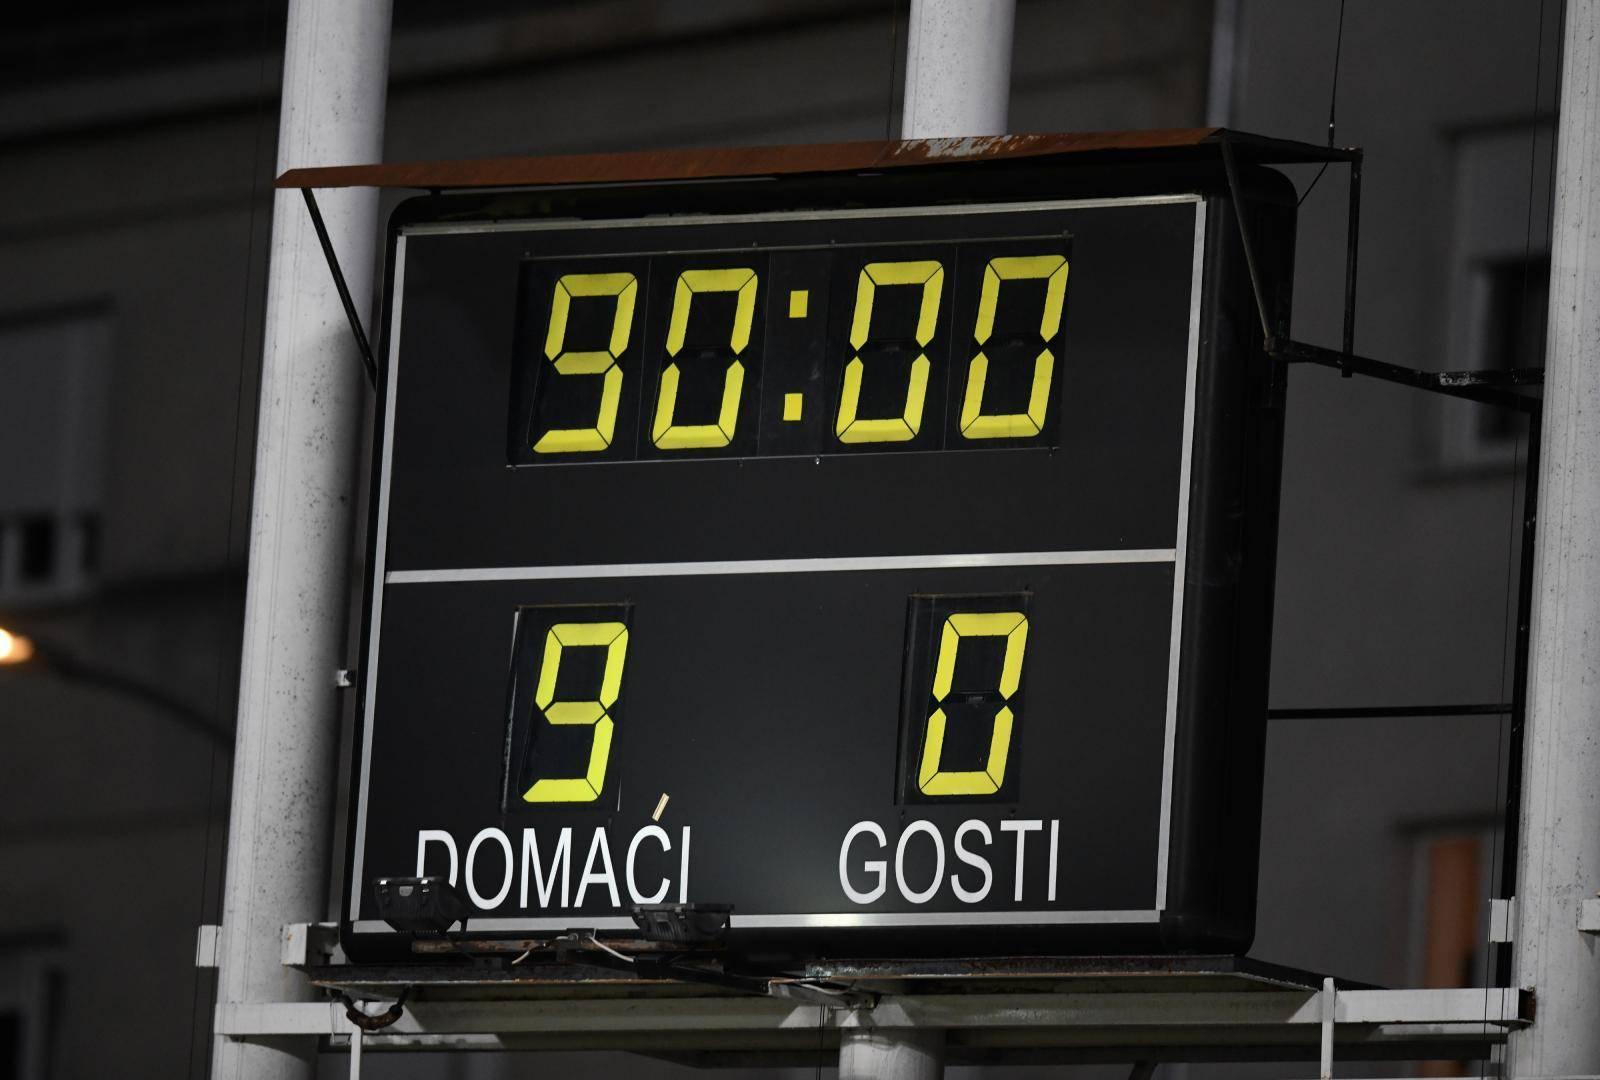 Hrvatska pobijedila San Marino 10:0, no semafor prikazuje samo jednoznamenkaste brojeve